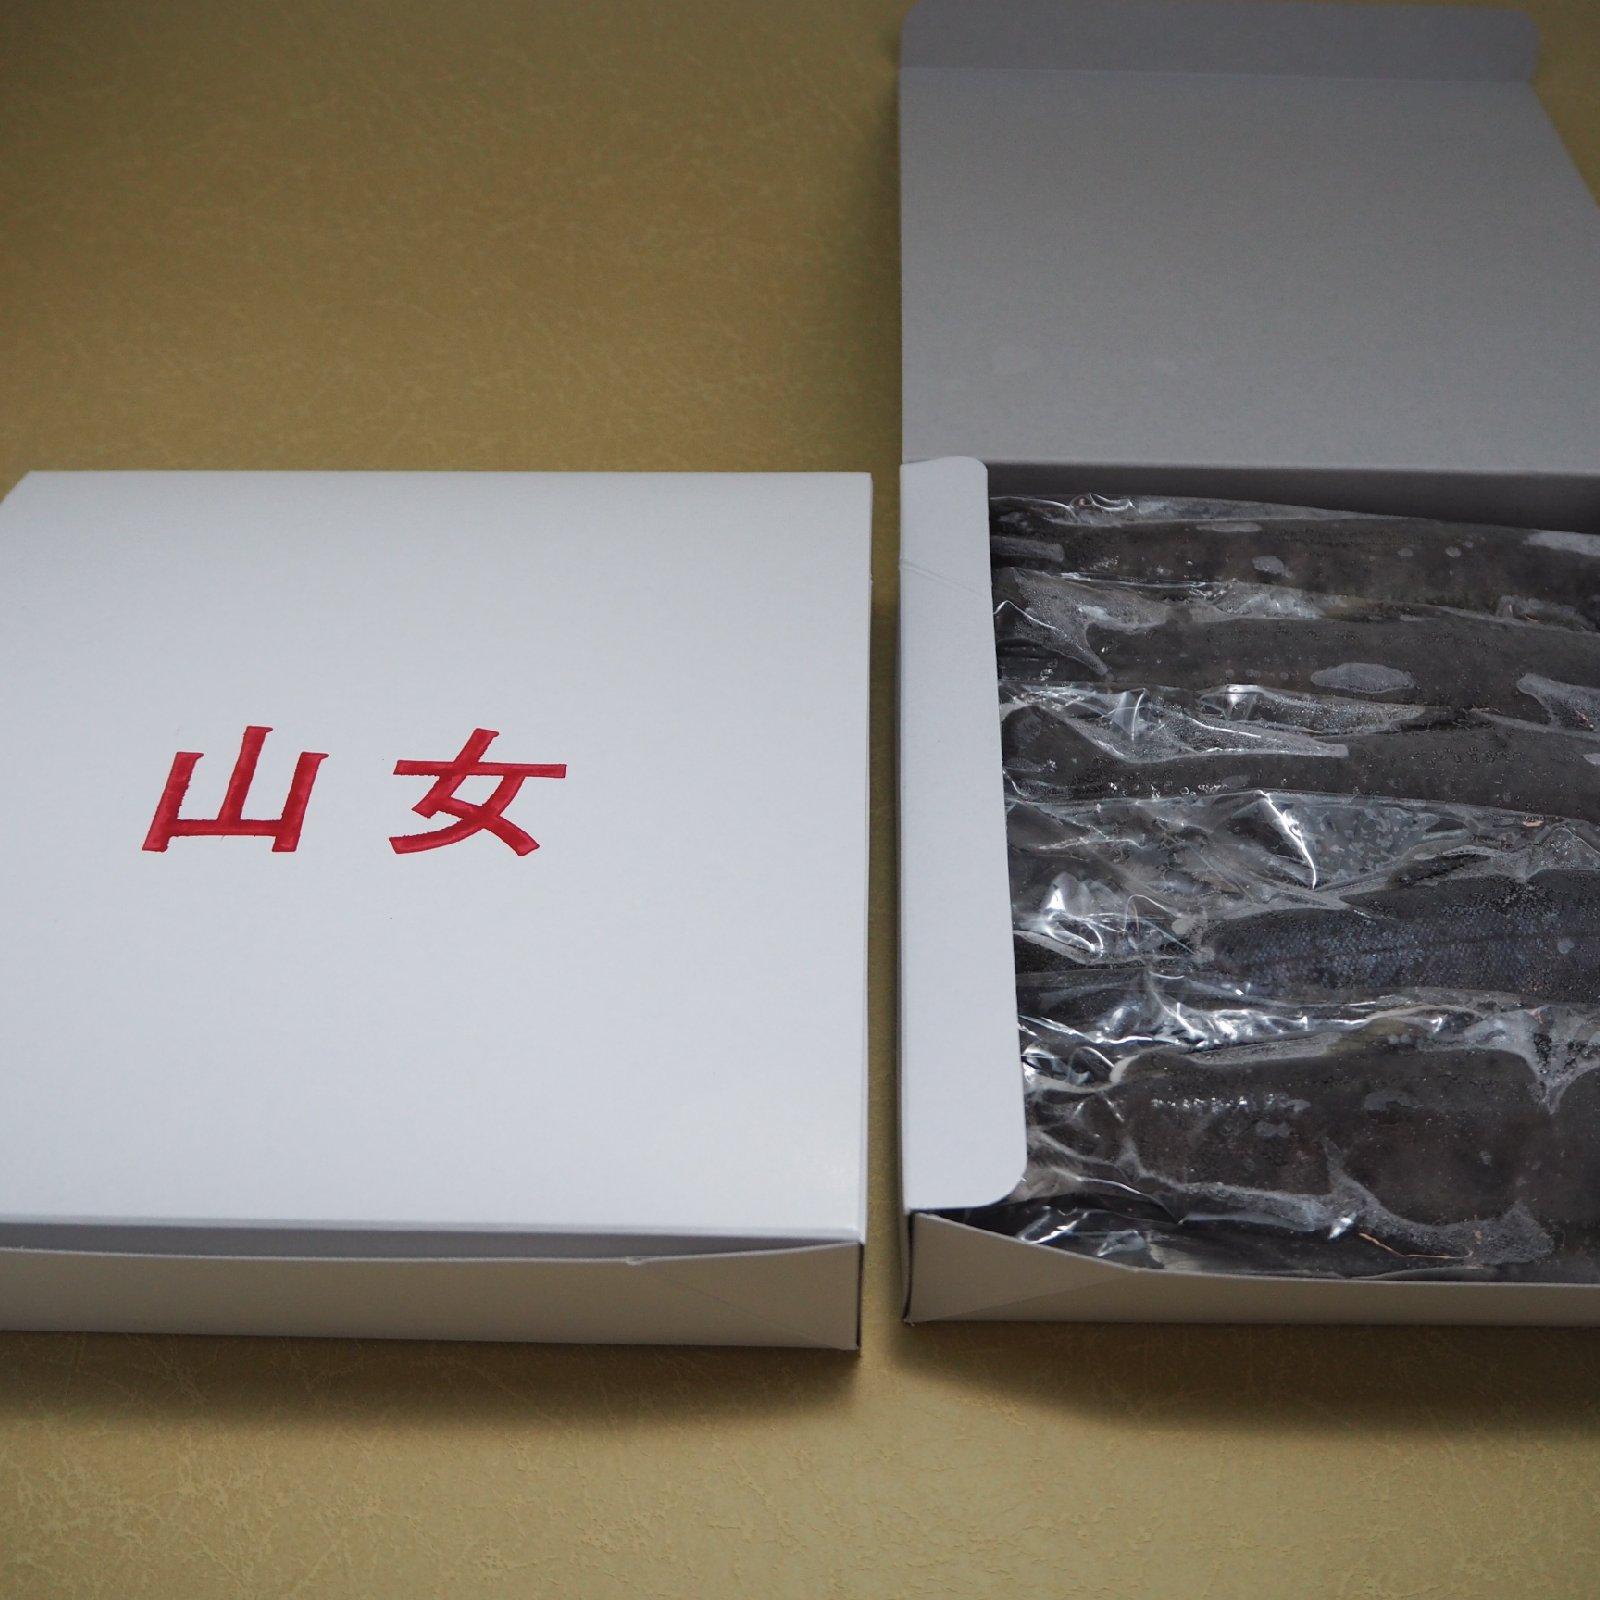 [山女 ]ヤマメ 12尾入 (19cmサイズ)冷凍 12尾 魚介類/川魚通販